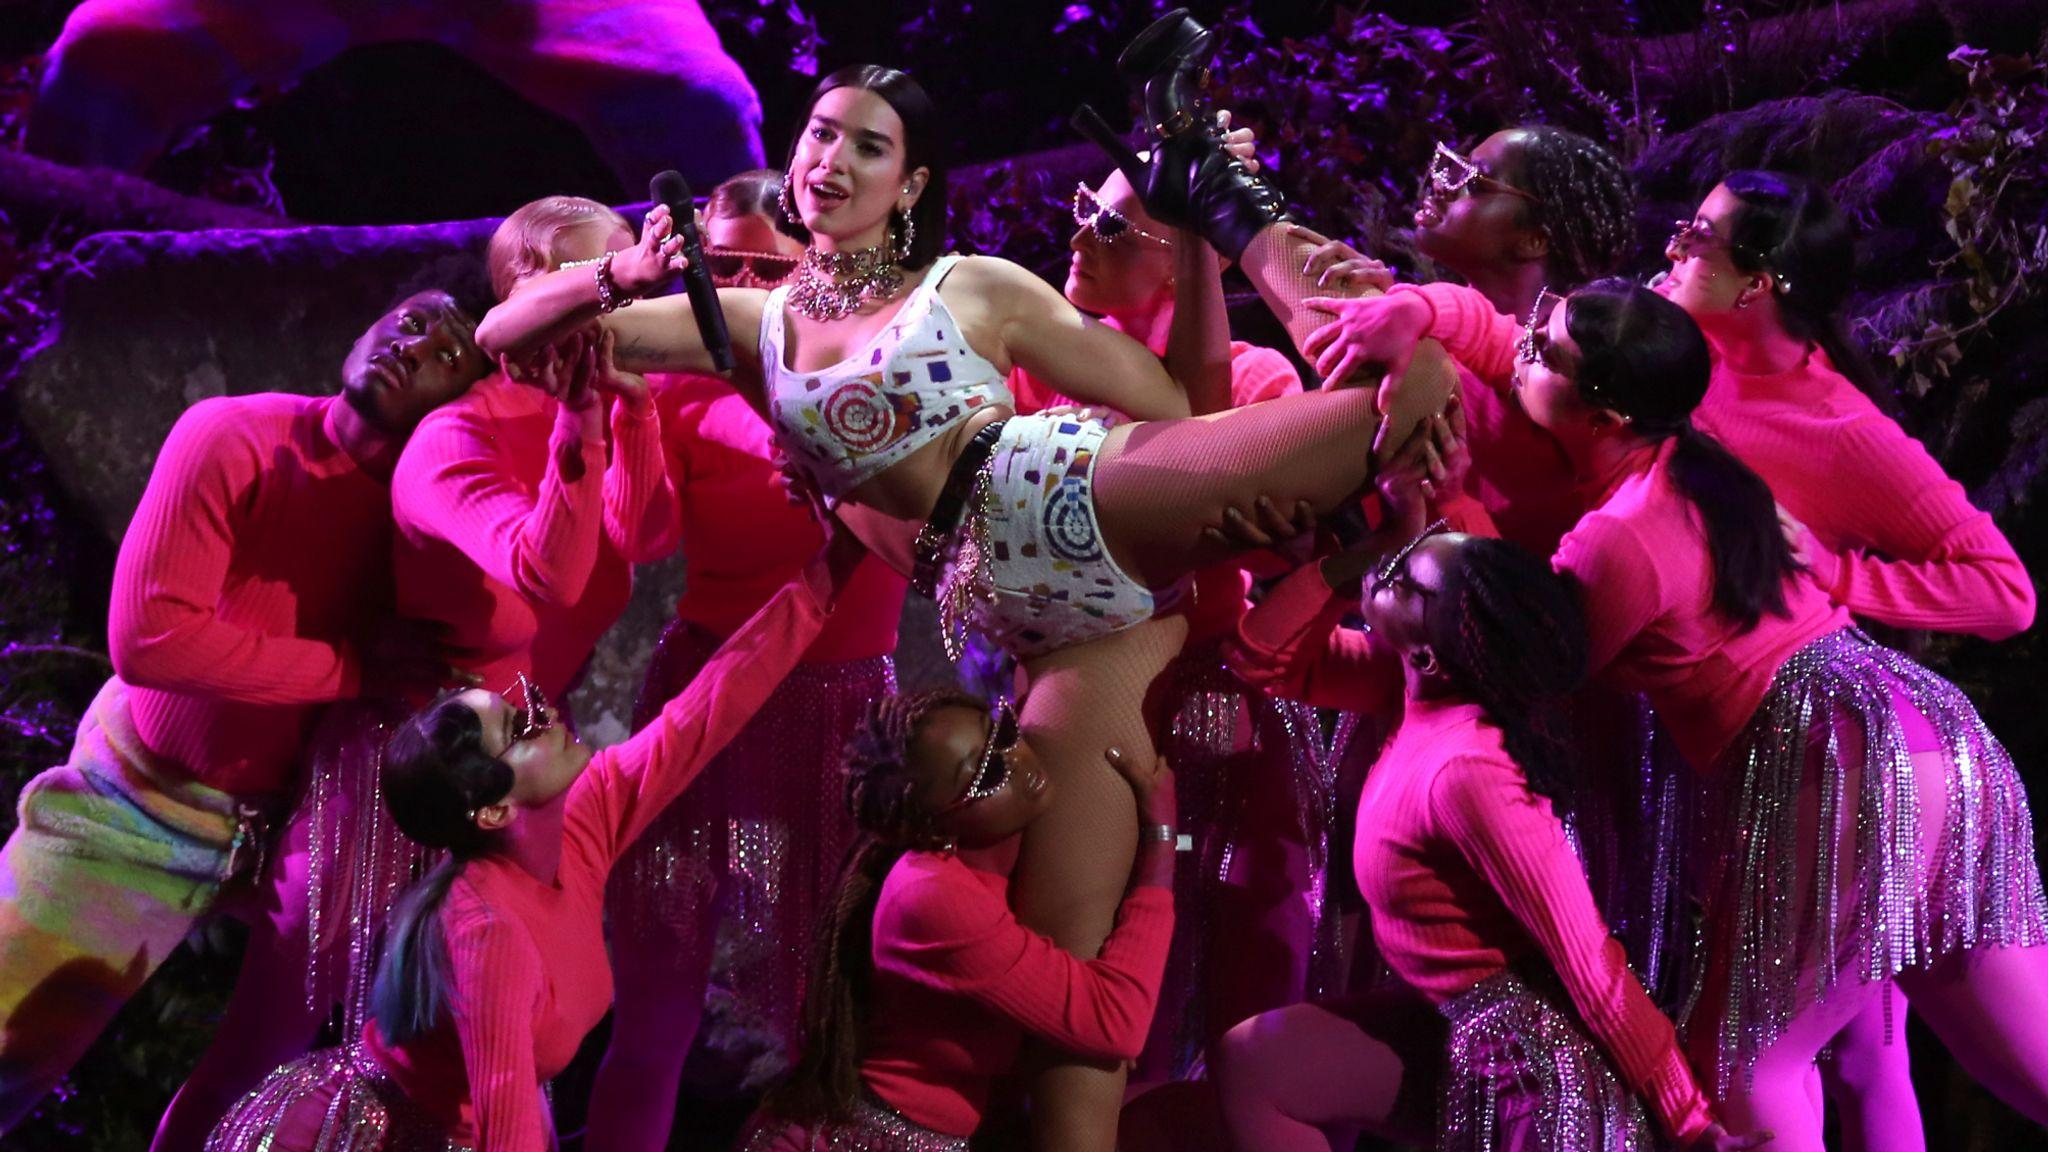 Dua Lipa performs at the Brit Awards in London in 2019. Pic: AP